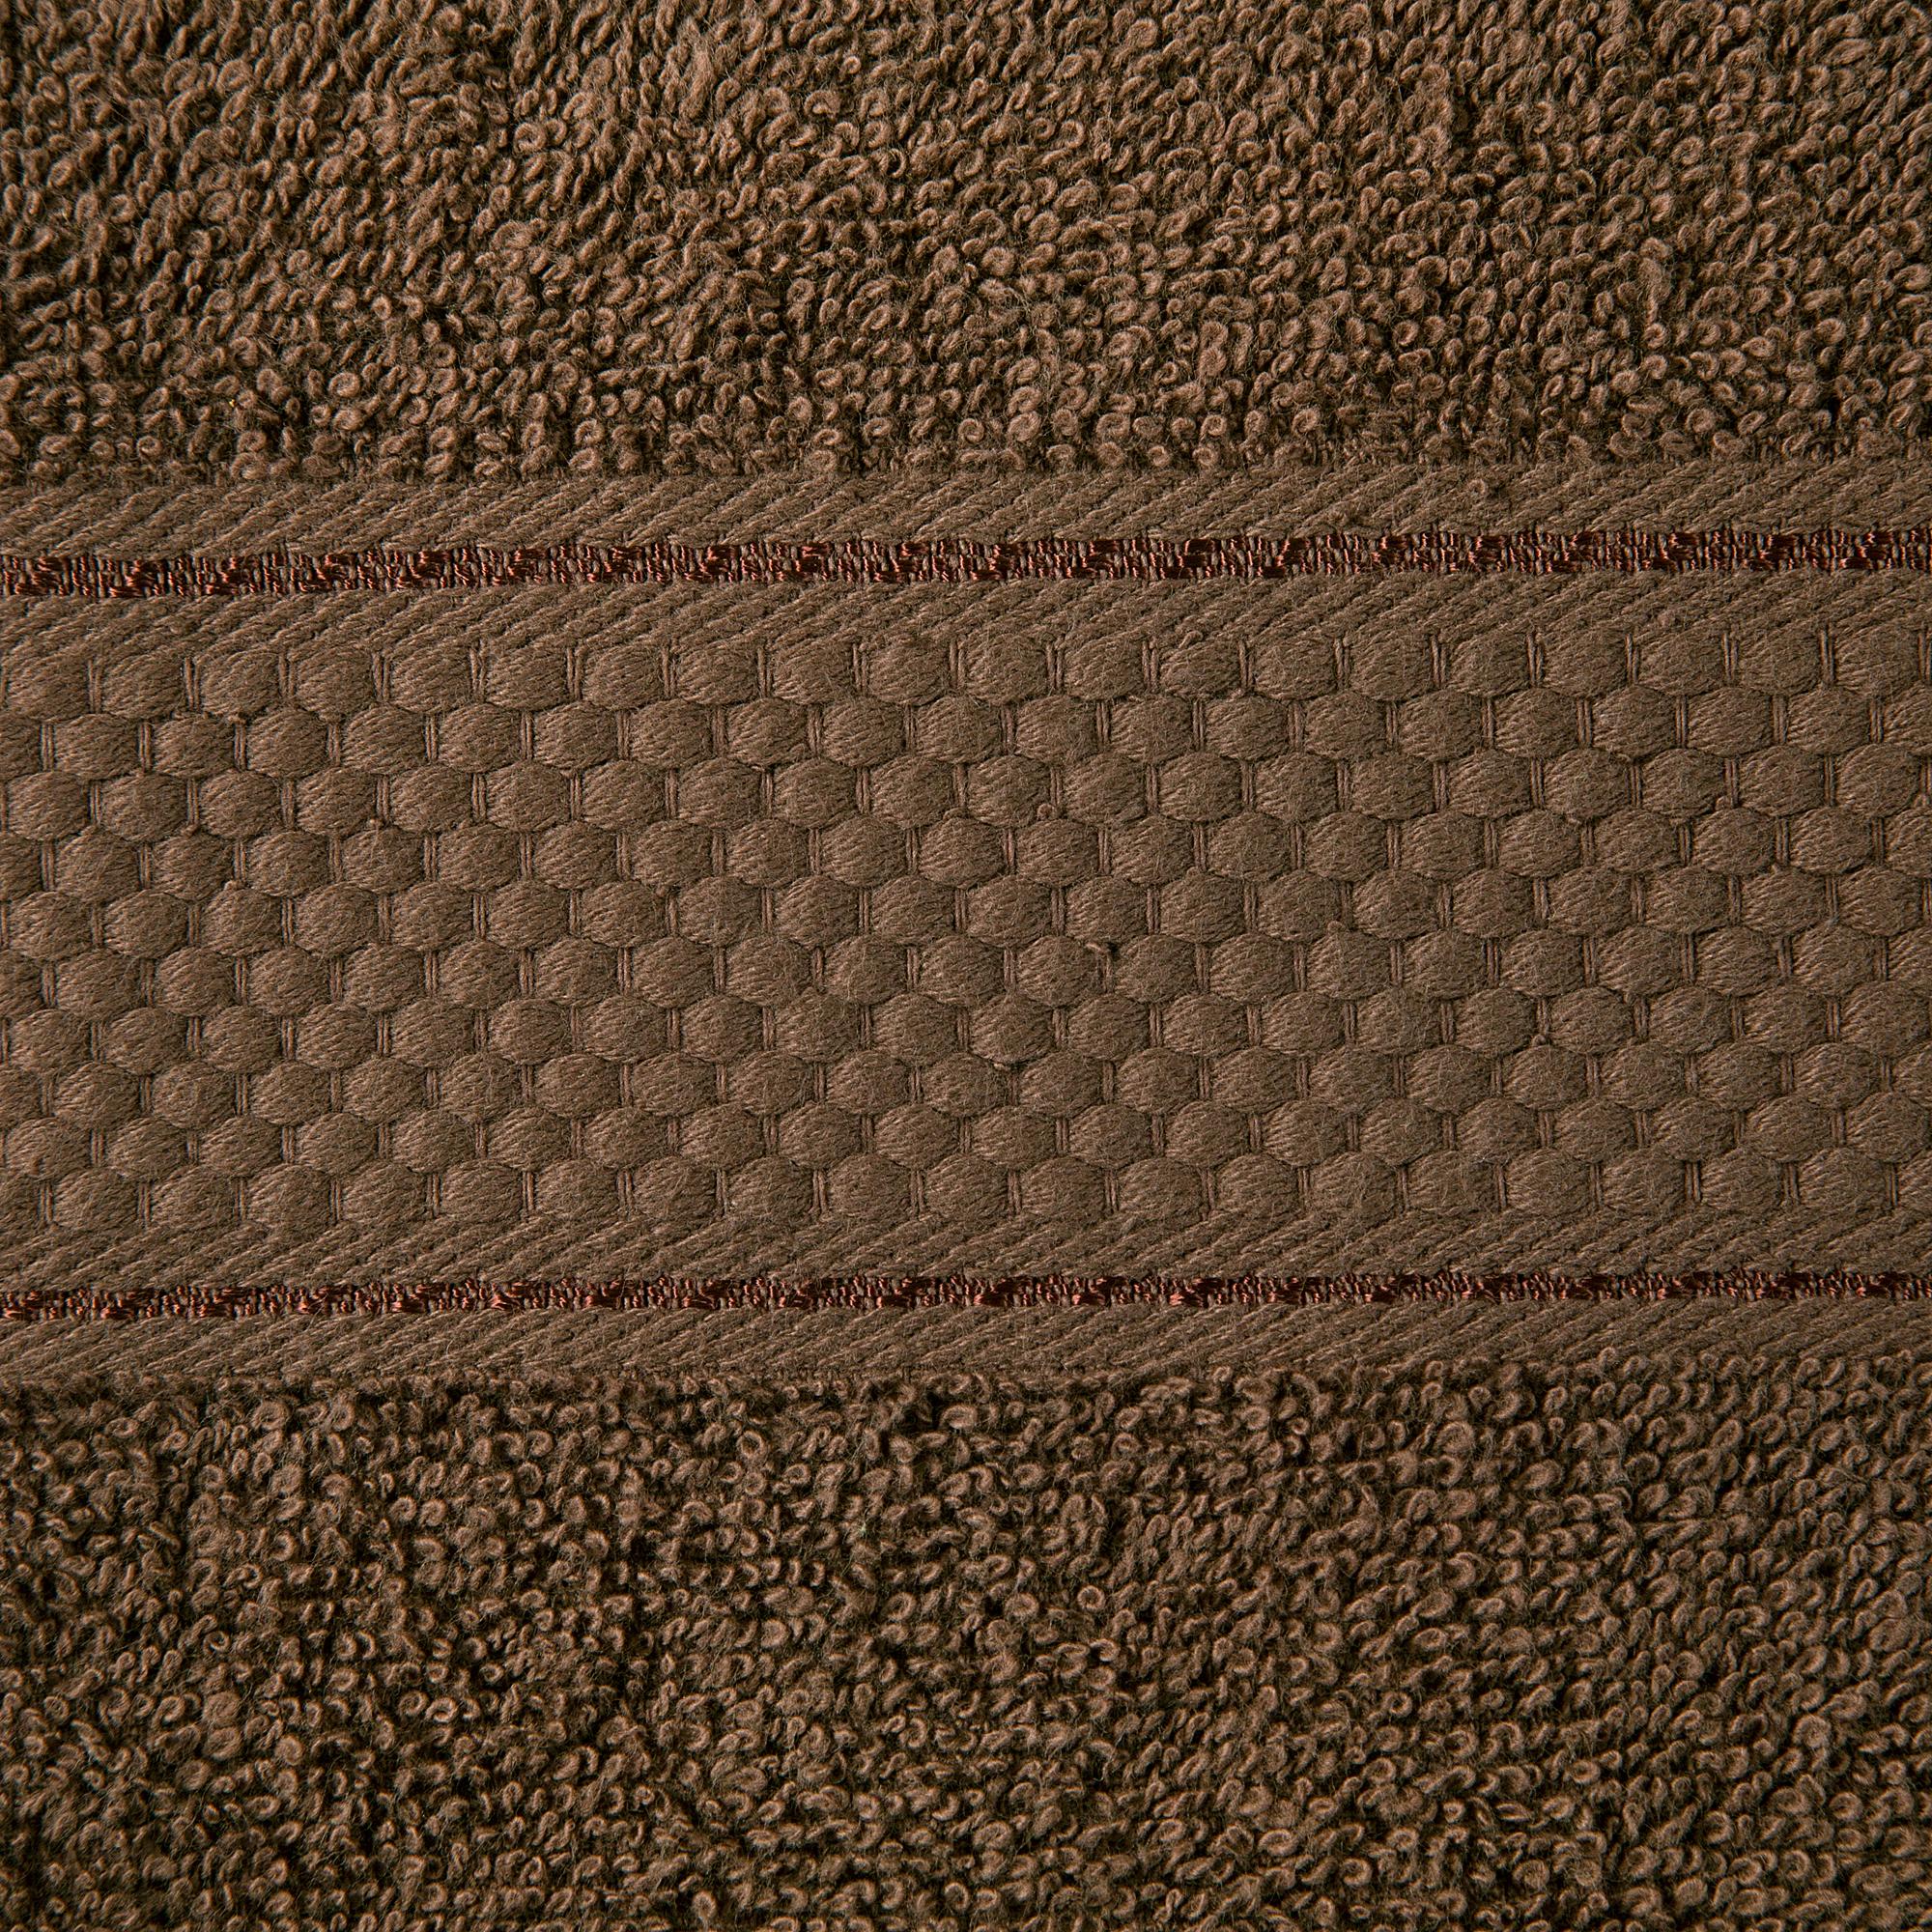 2 Pcs 100 % Cotton Premium Bath Sheet Towel Bale Set Chocolate Plain